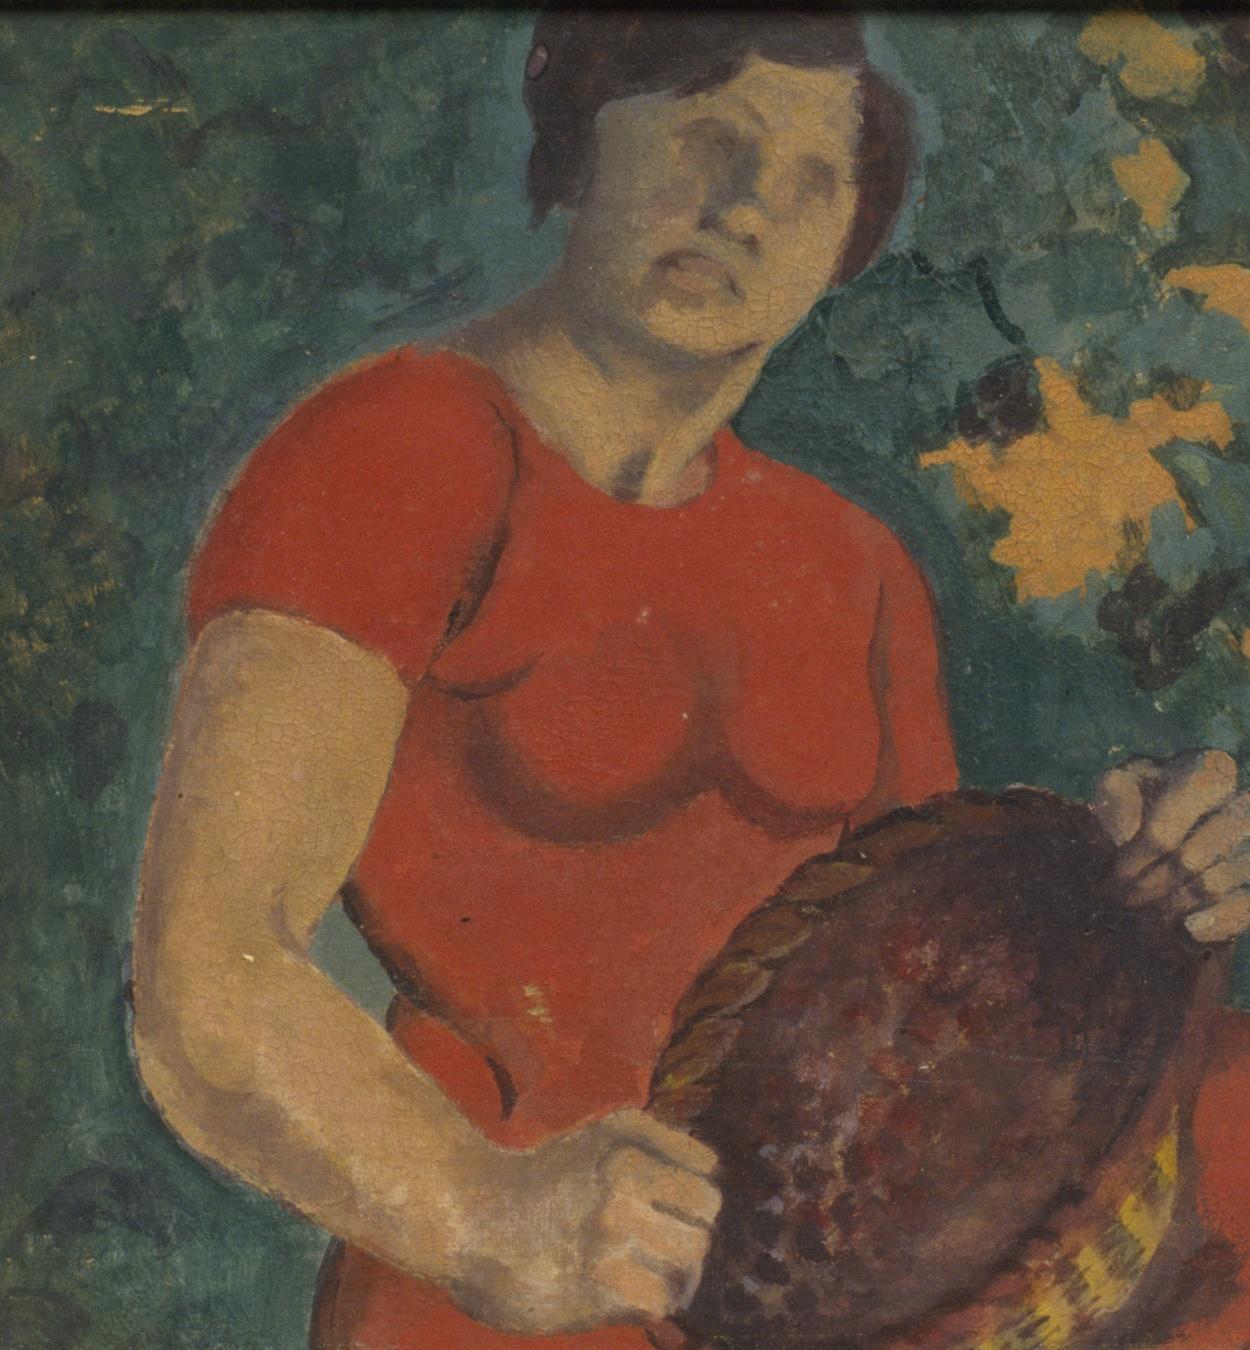 Manolo Hugué - Veremadora - Cap a 1927